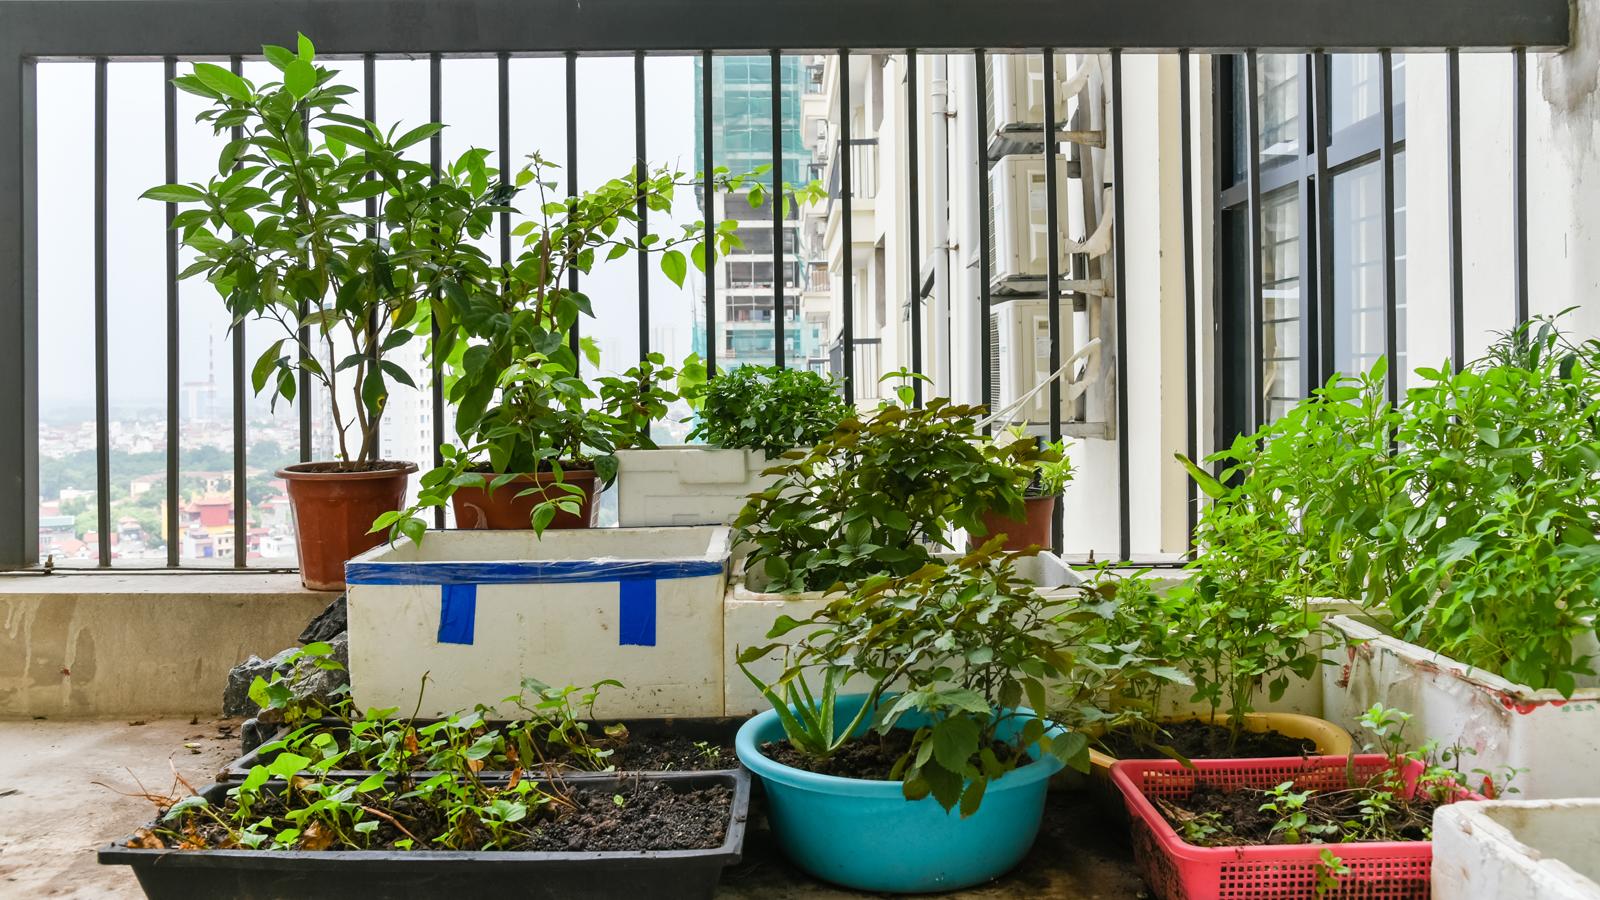 Verdure e piante aromatiche a km 0 sul balcone - Coltivare piante aromatiche in casa ...